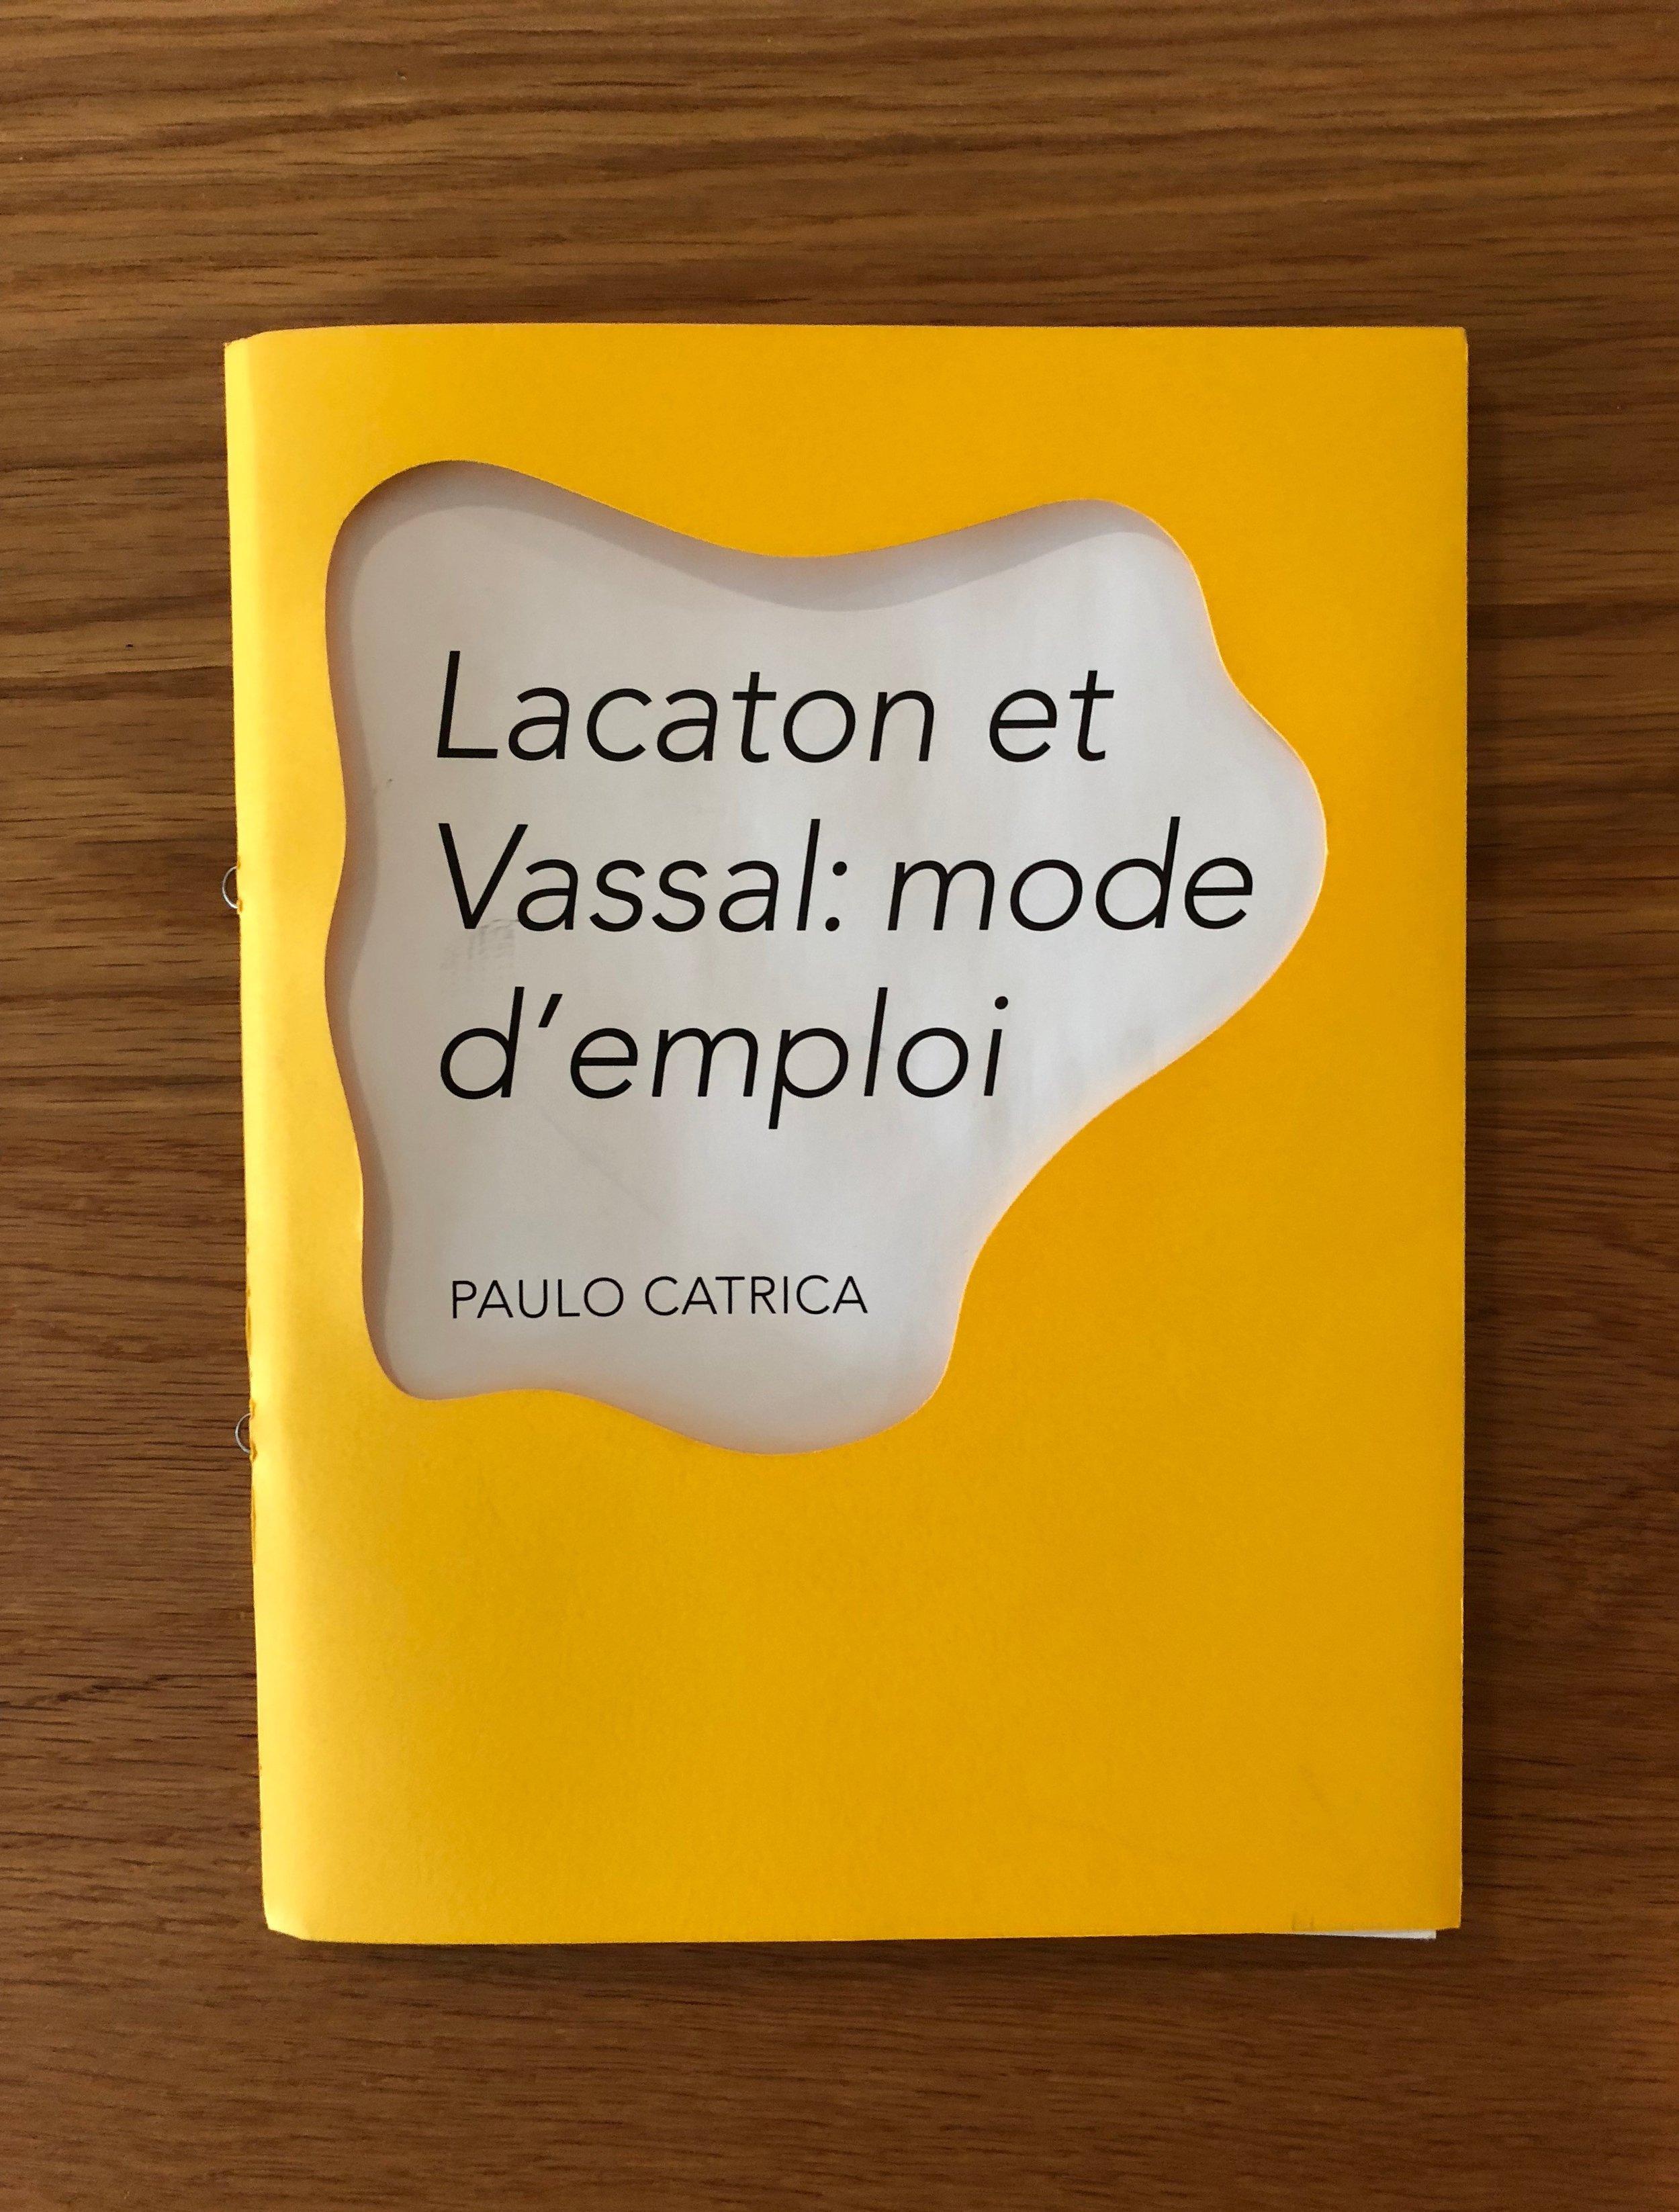 """«Quando se observam os projetos de Lacaton & Jean Philippe Vassal, verifica-se que há um conjunto de princípios que lhes é comum. Pela sua constância e sobretudo pela sua coerência, esses princípios acabaram por consubstanciar um programa ético reconhecível: a configuração de espaços visa sobretudo aquilo que eles potencialmente podem acontecer, em detrimento de qualquer efeito """"plástico"""".» José Capela  Lacaton & Vassal: mode d'emploi, de Paulo Catrica.  Arquitectura pela Arquitectura, texto de José Capela.  Paulo Catrica (1965), é fotógrafo, estudou no Ar.Co (1985), concluiu o mestrado em Imagem e Comunicação no Goldsmith's College (1997) e o doutoramento em Estudos de Fotografia na University of Westminster (2011). Portuguese/ French edition. 64 pages., 230 x 160 mm. ISBN 978-989-99010-4-9 500 exemplares impressos na gráfica Maiadouro em Creator Silk 135 gr. e composto em caracteres Whitman e Avenir."""